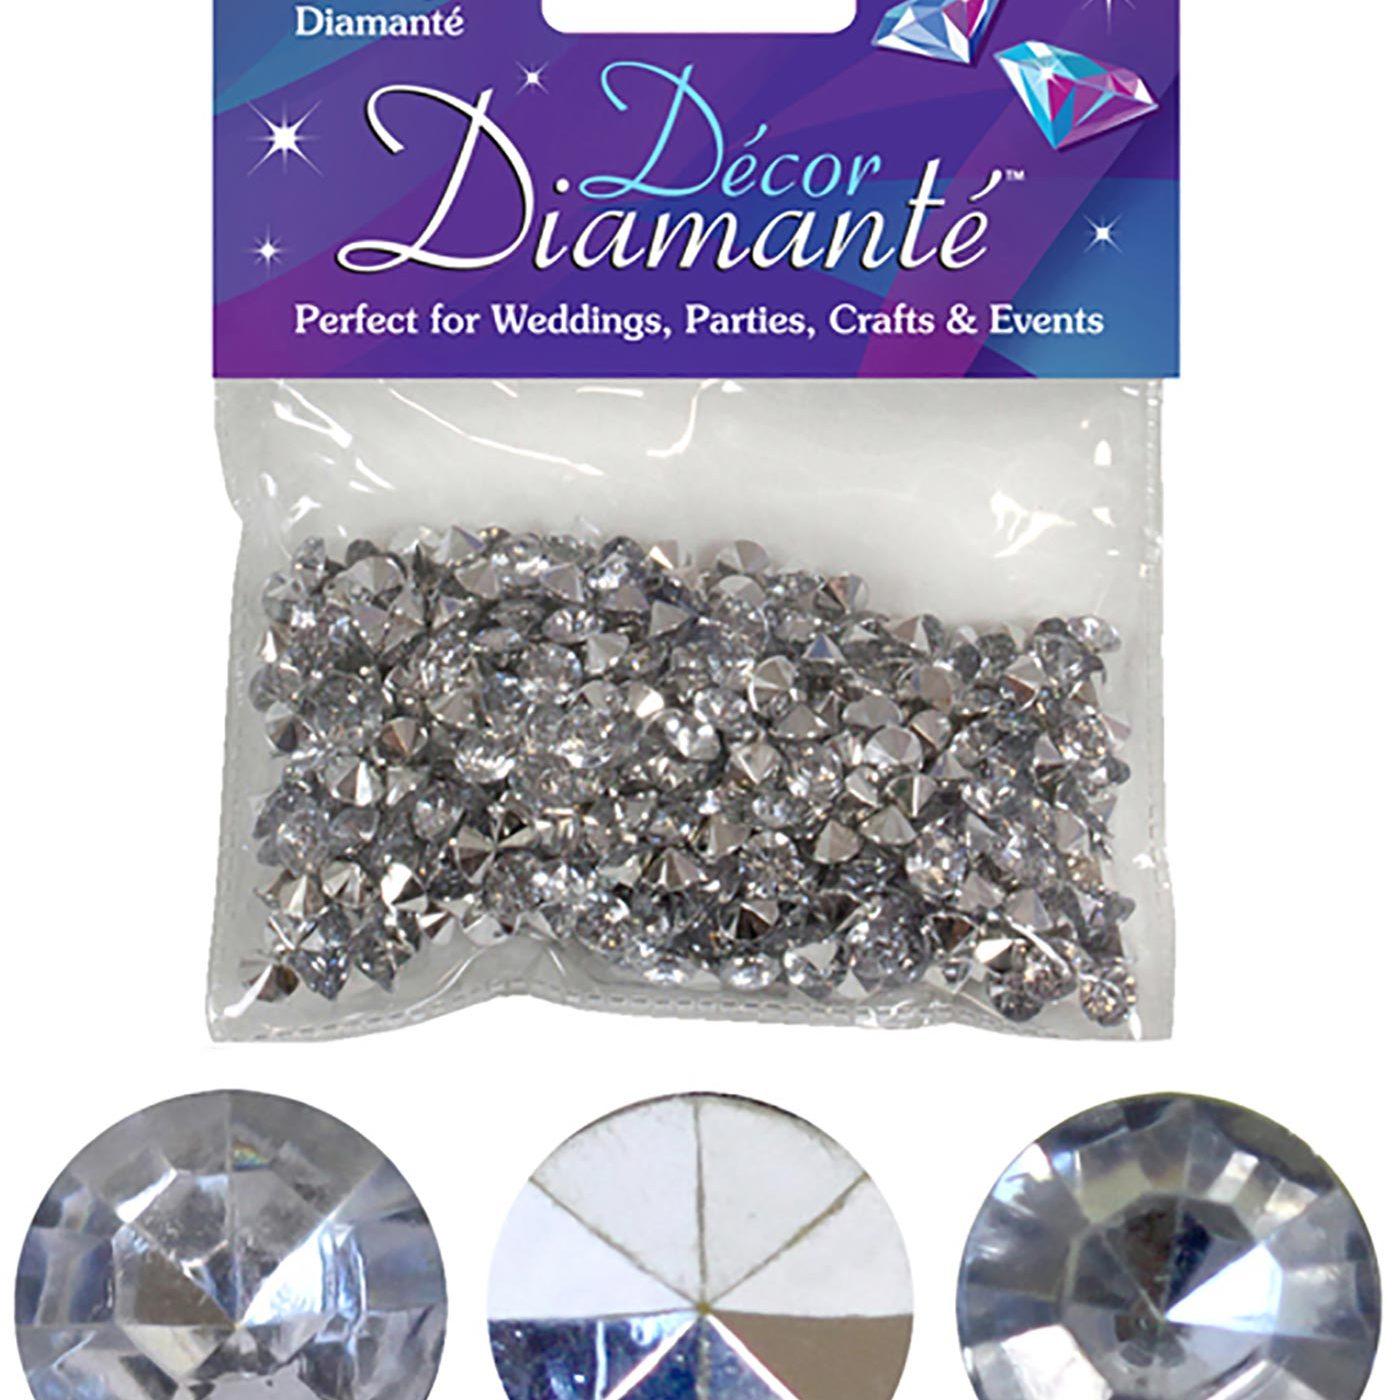 6mm Décor Diamante Diamonds 28g Silver